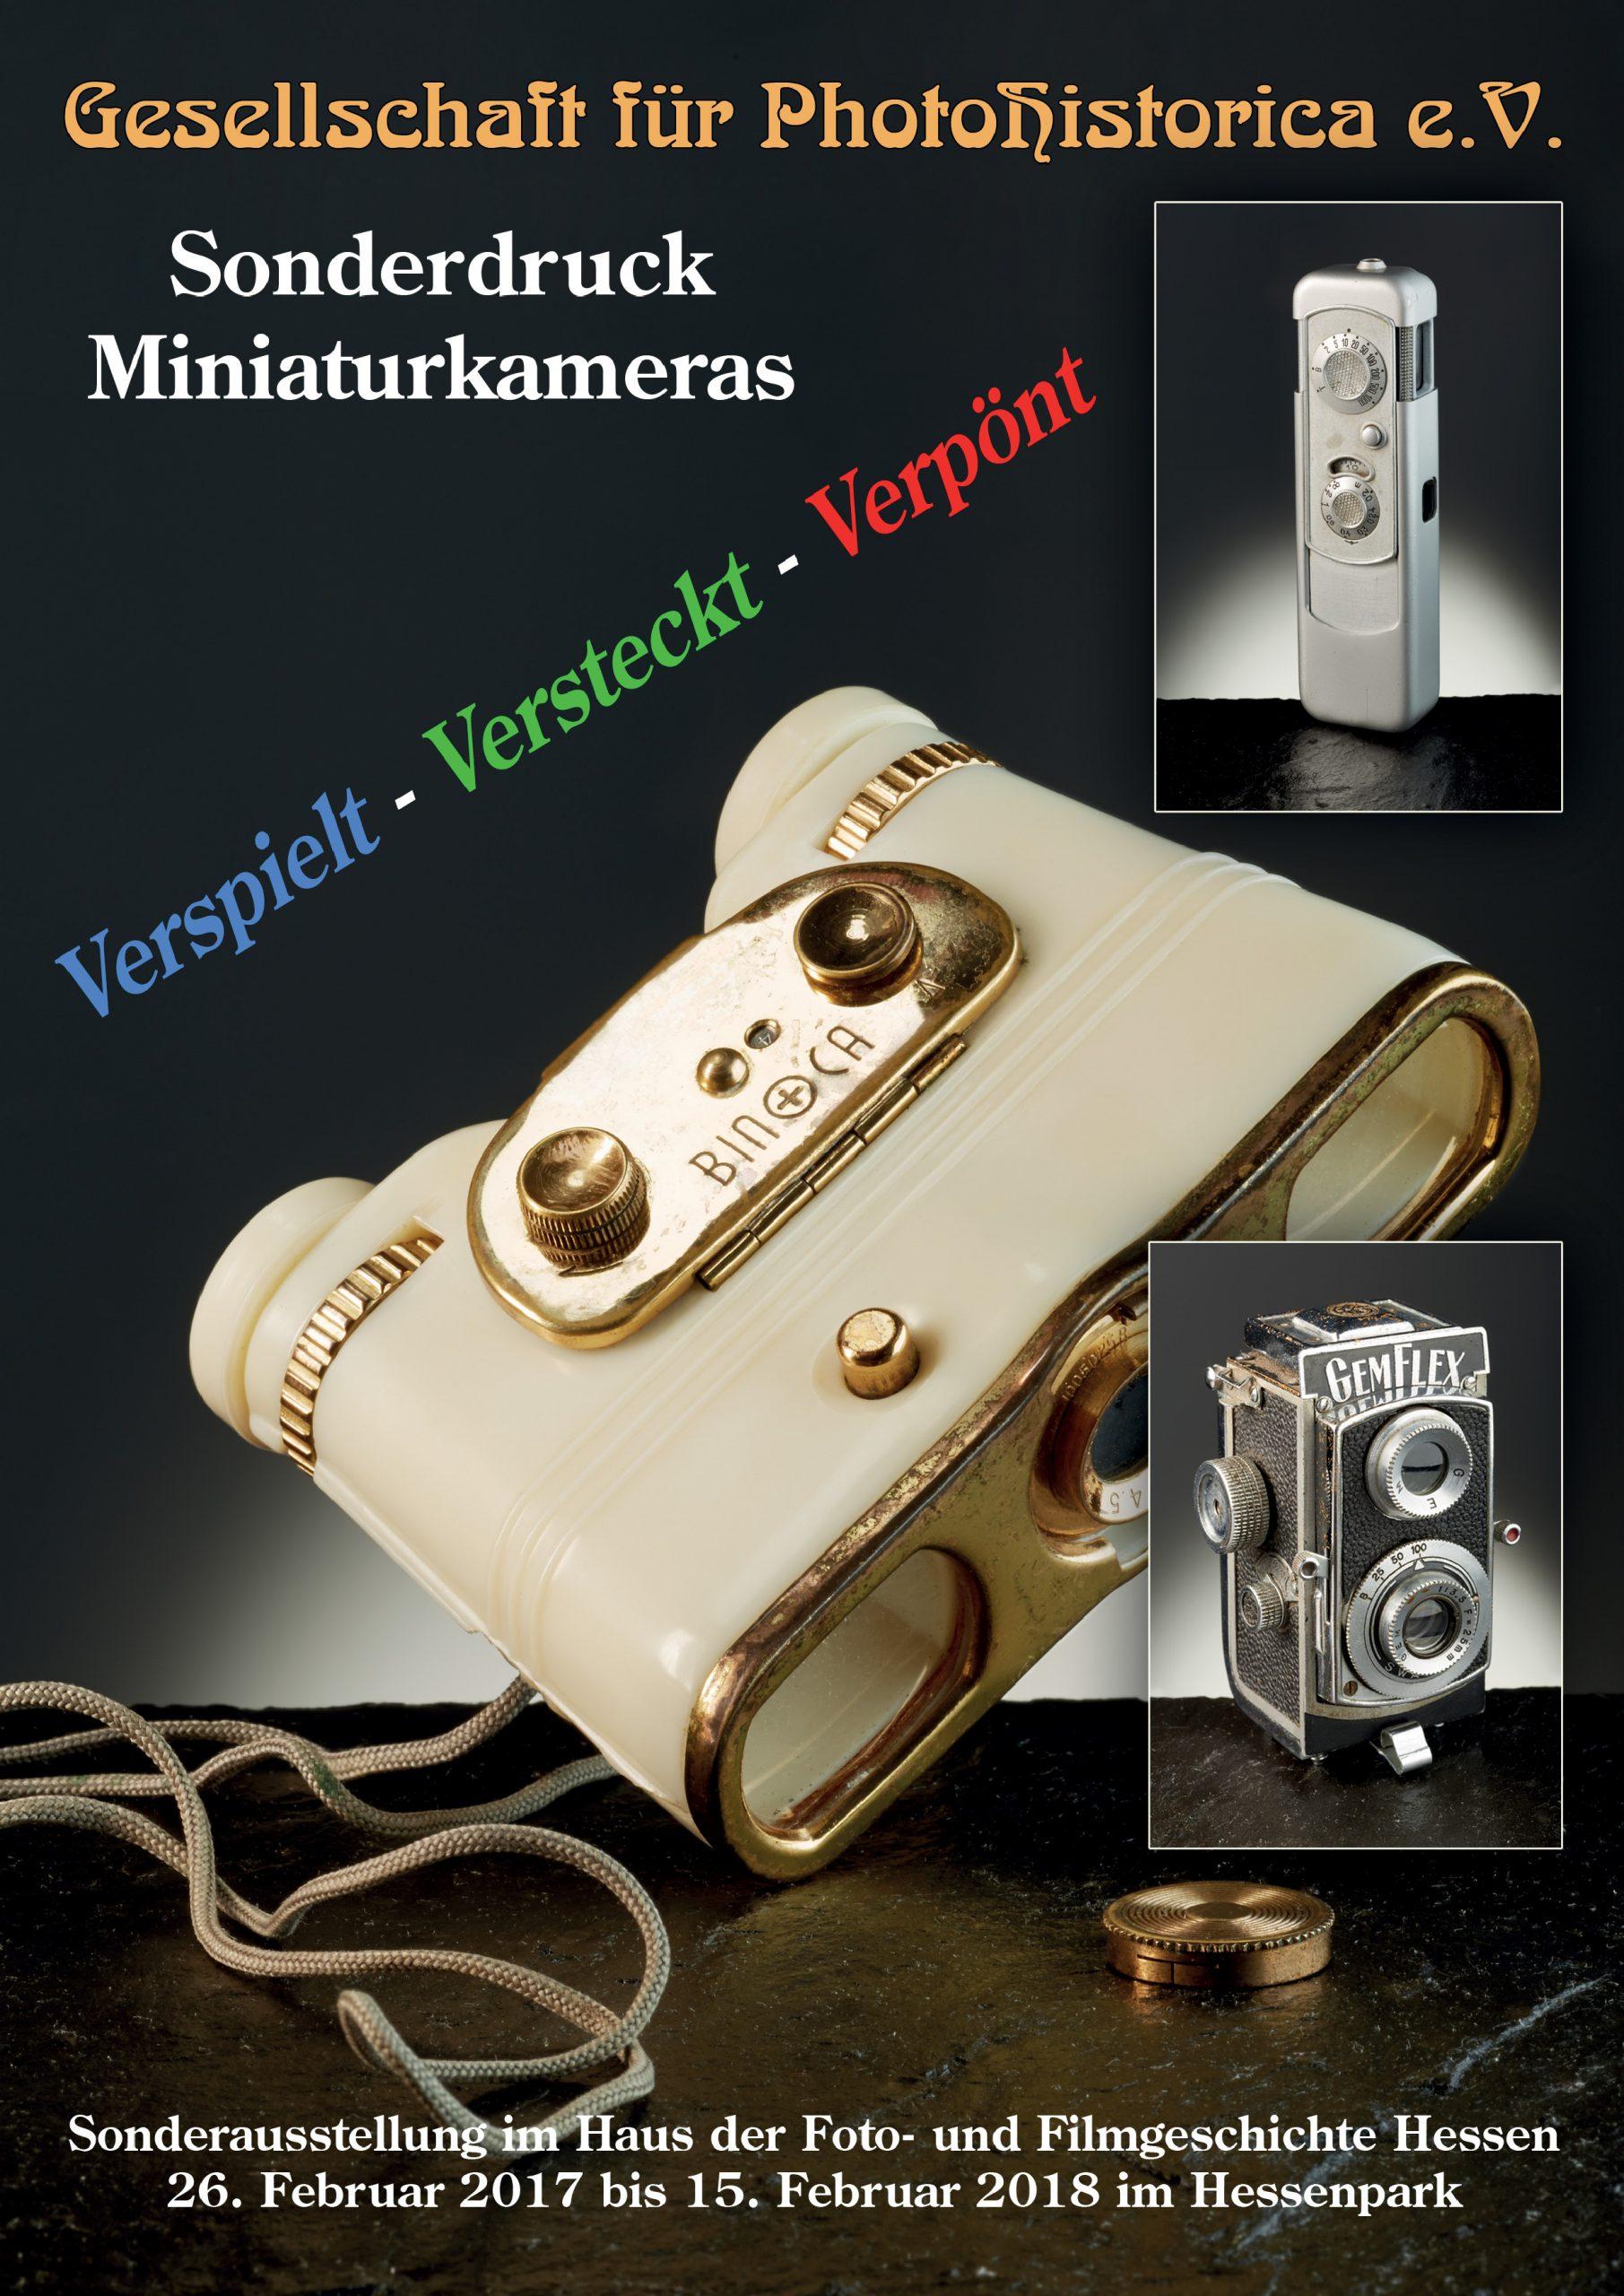 Sonderdruck Miniaturkameras 2017